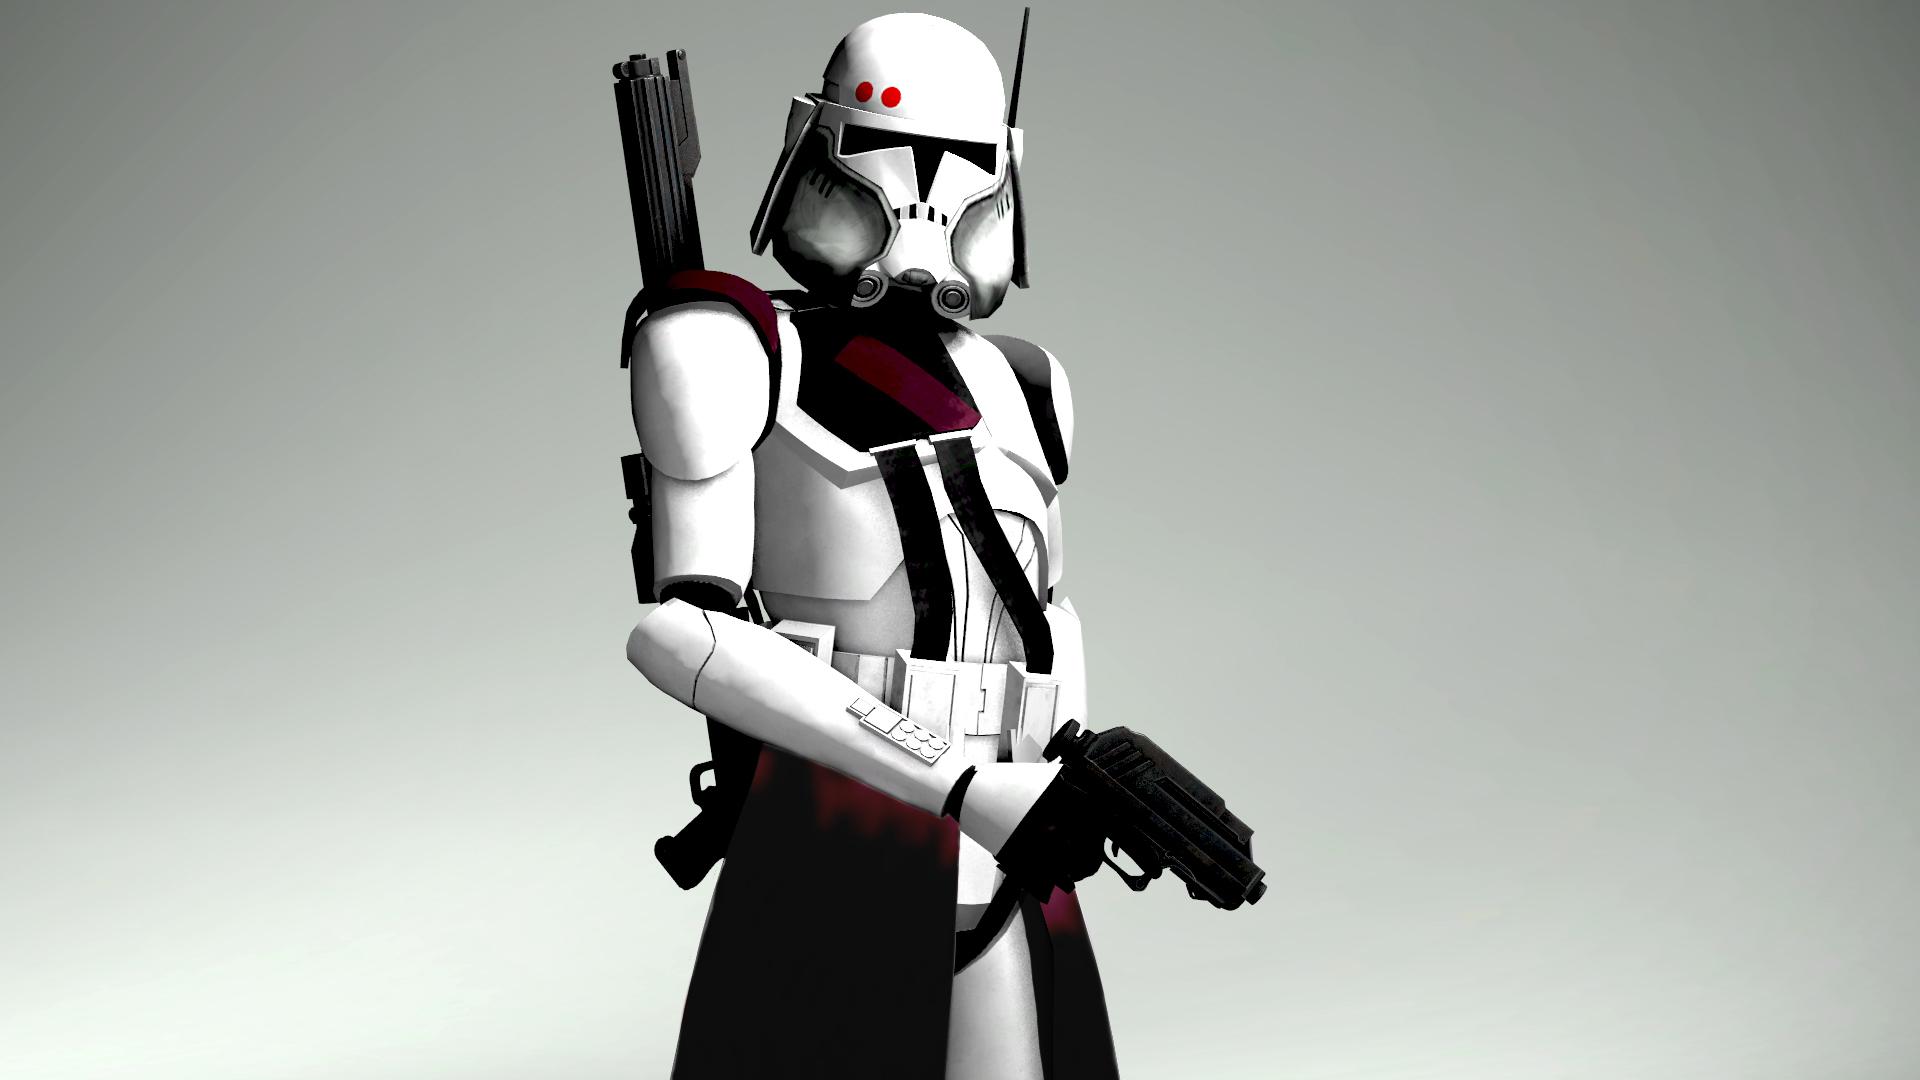 Steam Workshop Cgi Clone Troopers 21st Nova Corps